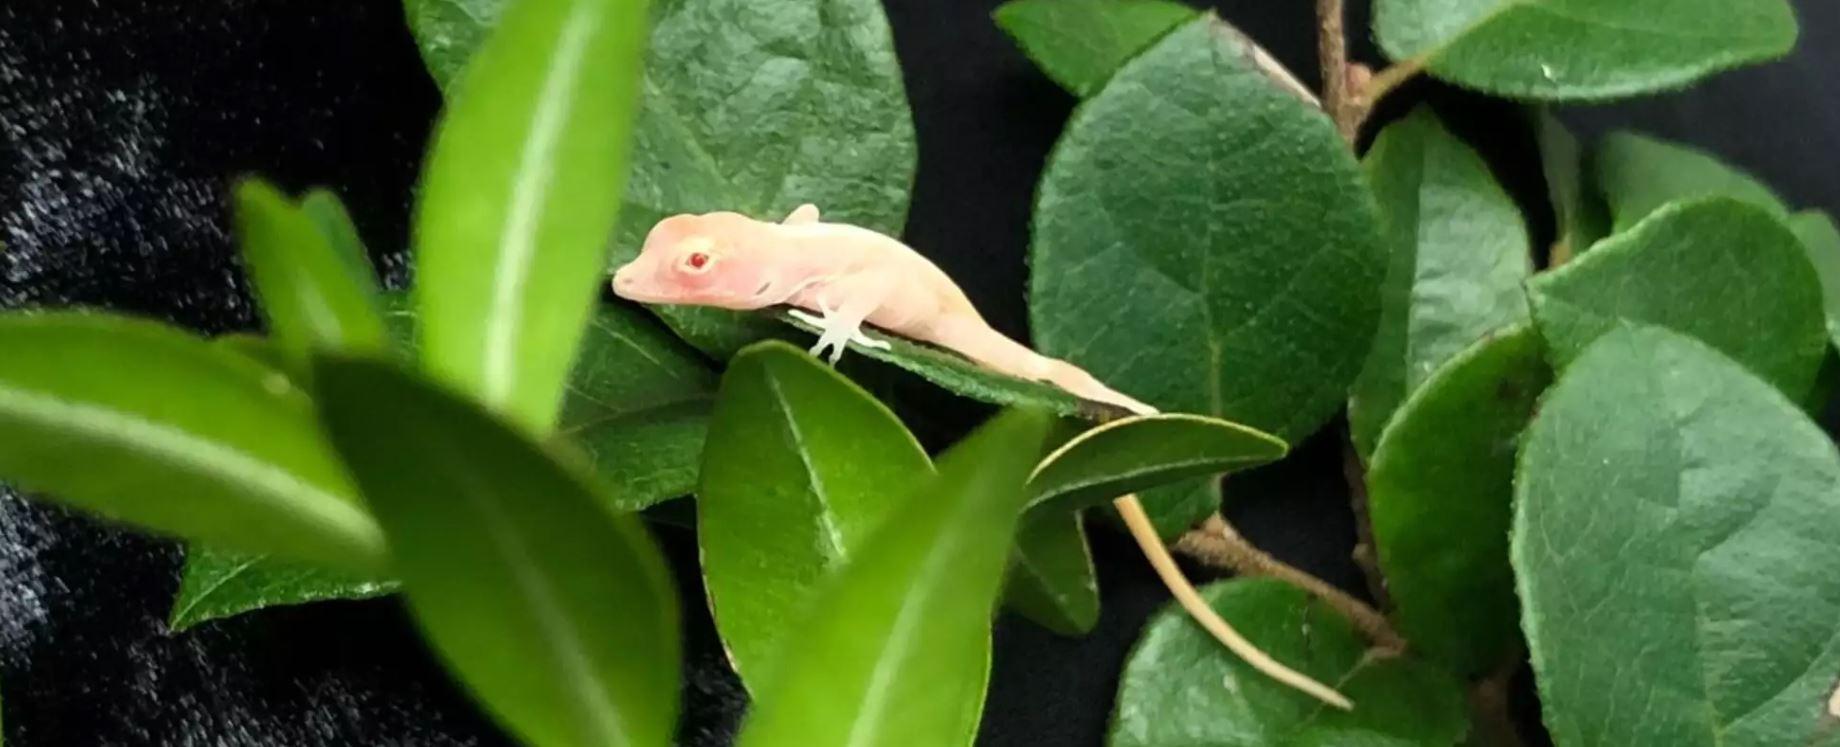 CRISPR lizard 1